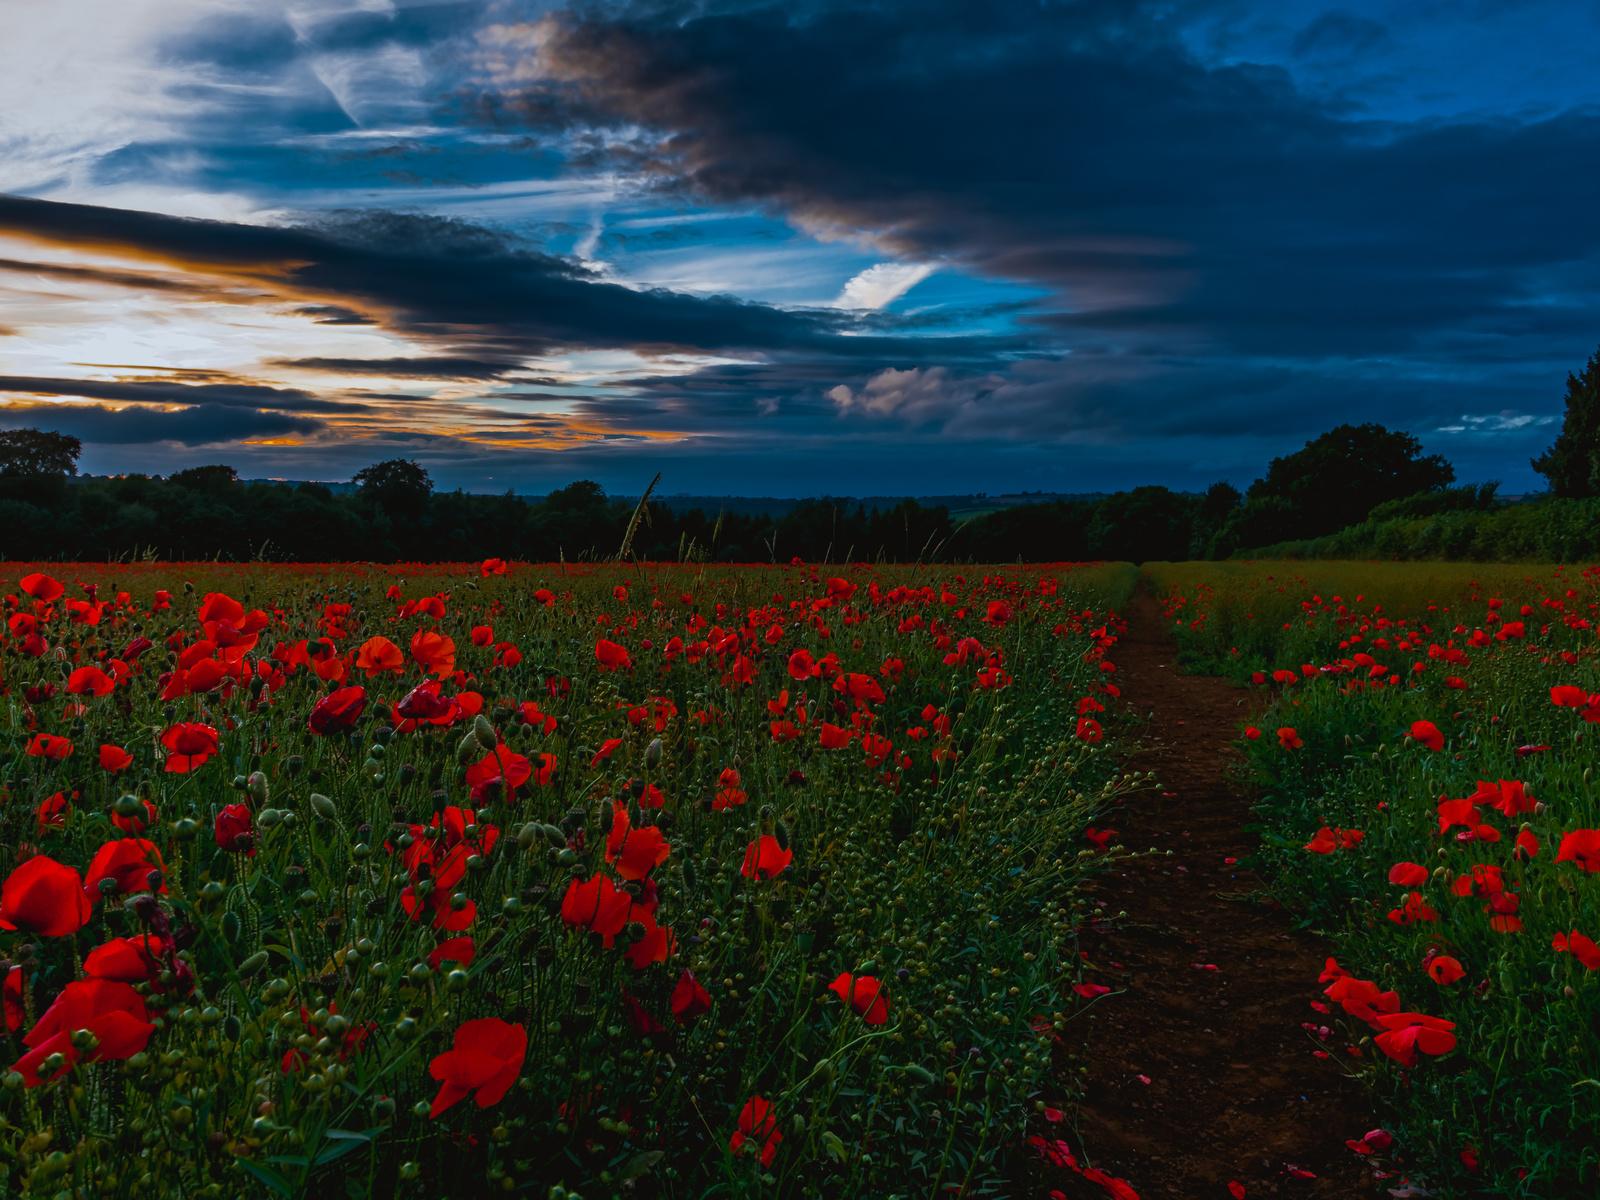 полевые цветы, трава, вечер, природа